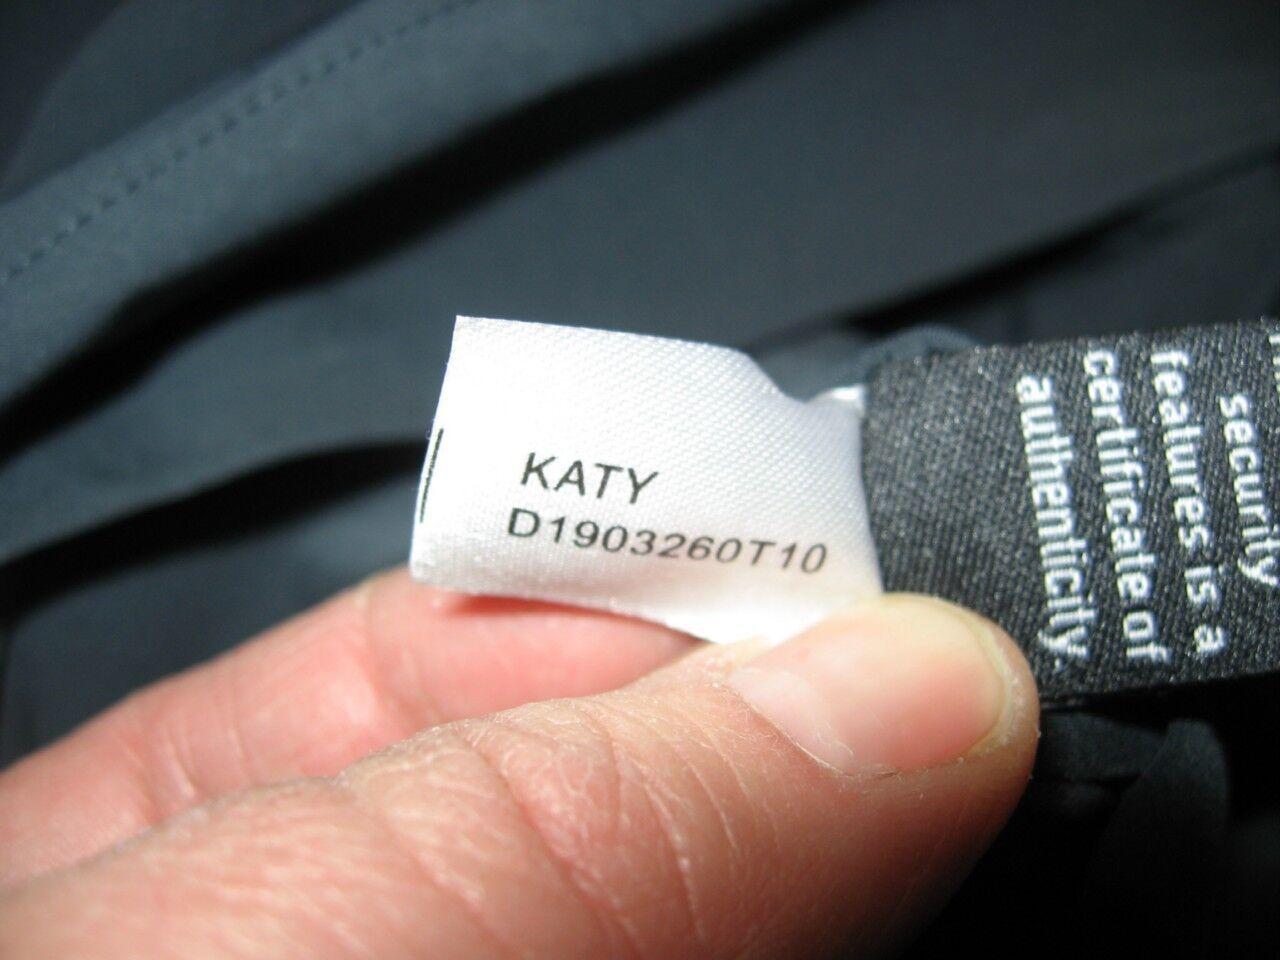 DVF Diane Von Furstenberg Furstenberg Furstenberg KATY Tech Stretch Poplin Dress Slate Grey 0 US  375 c130f1